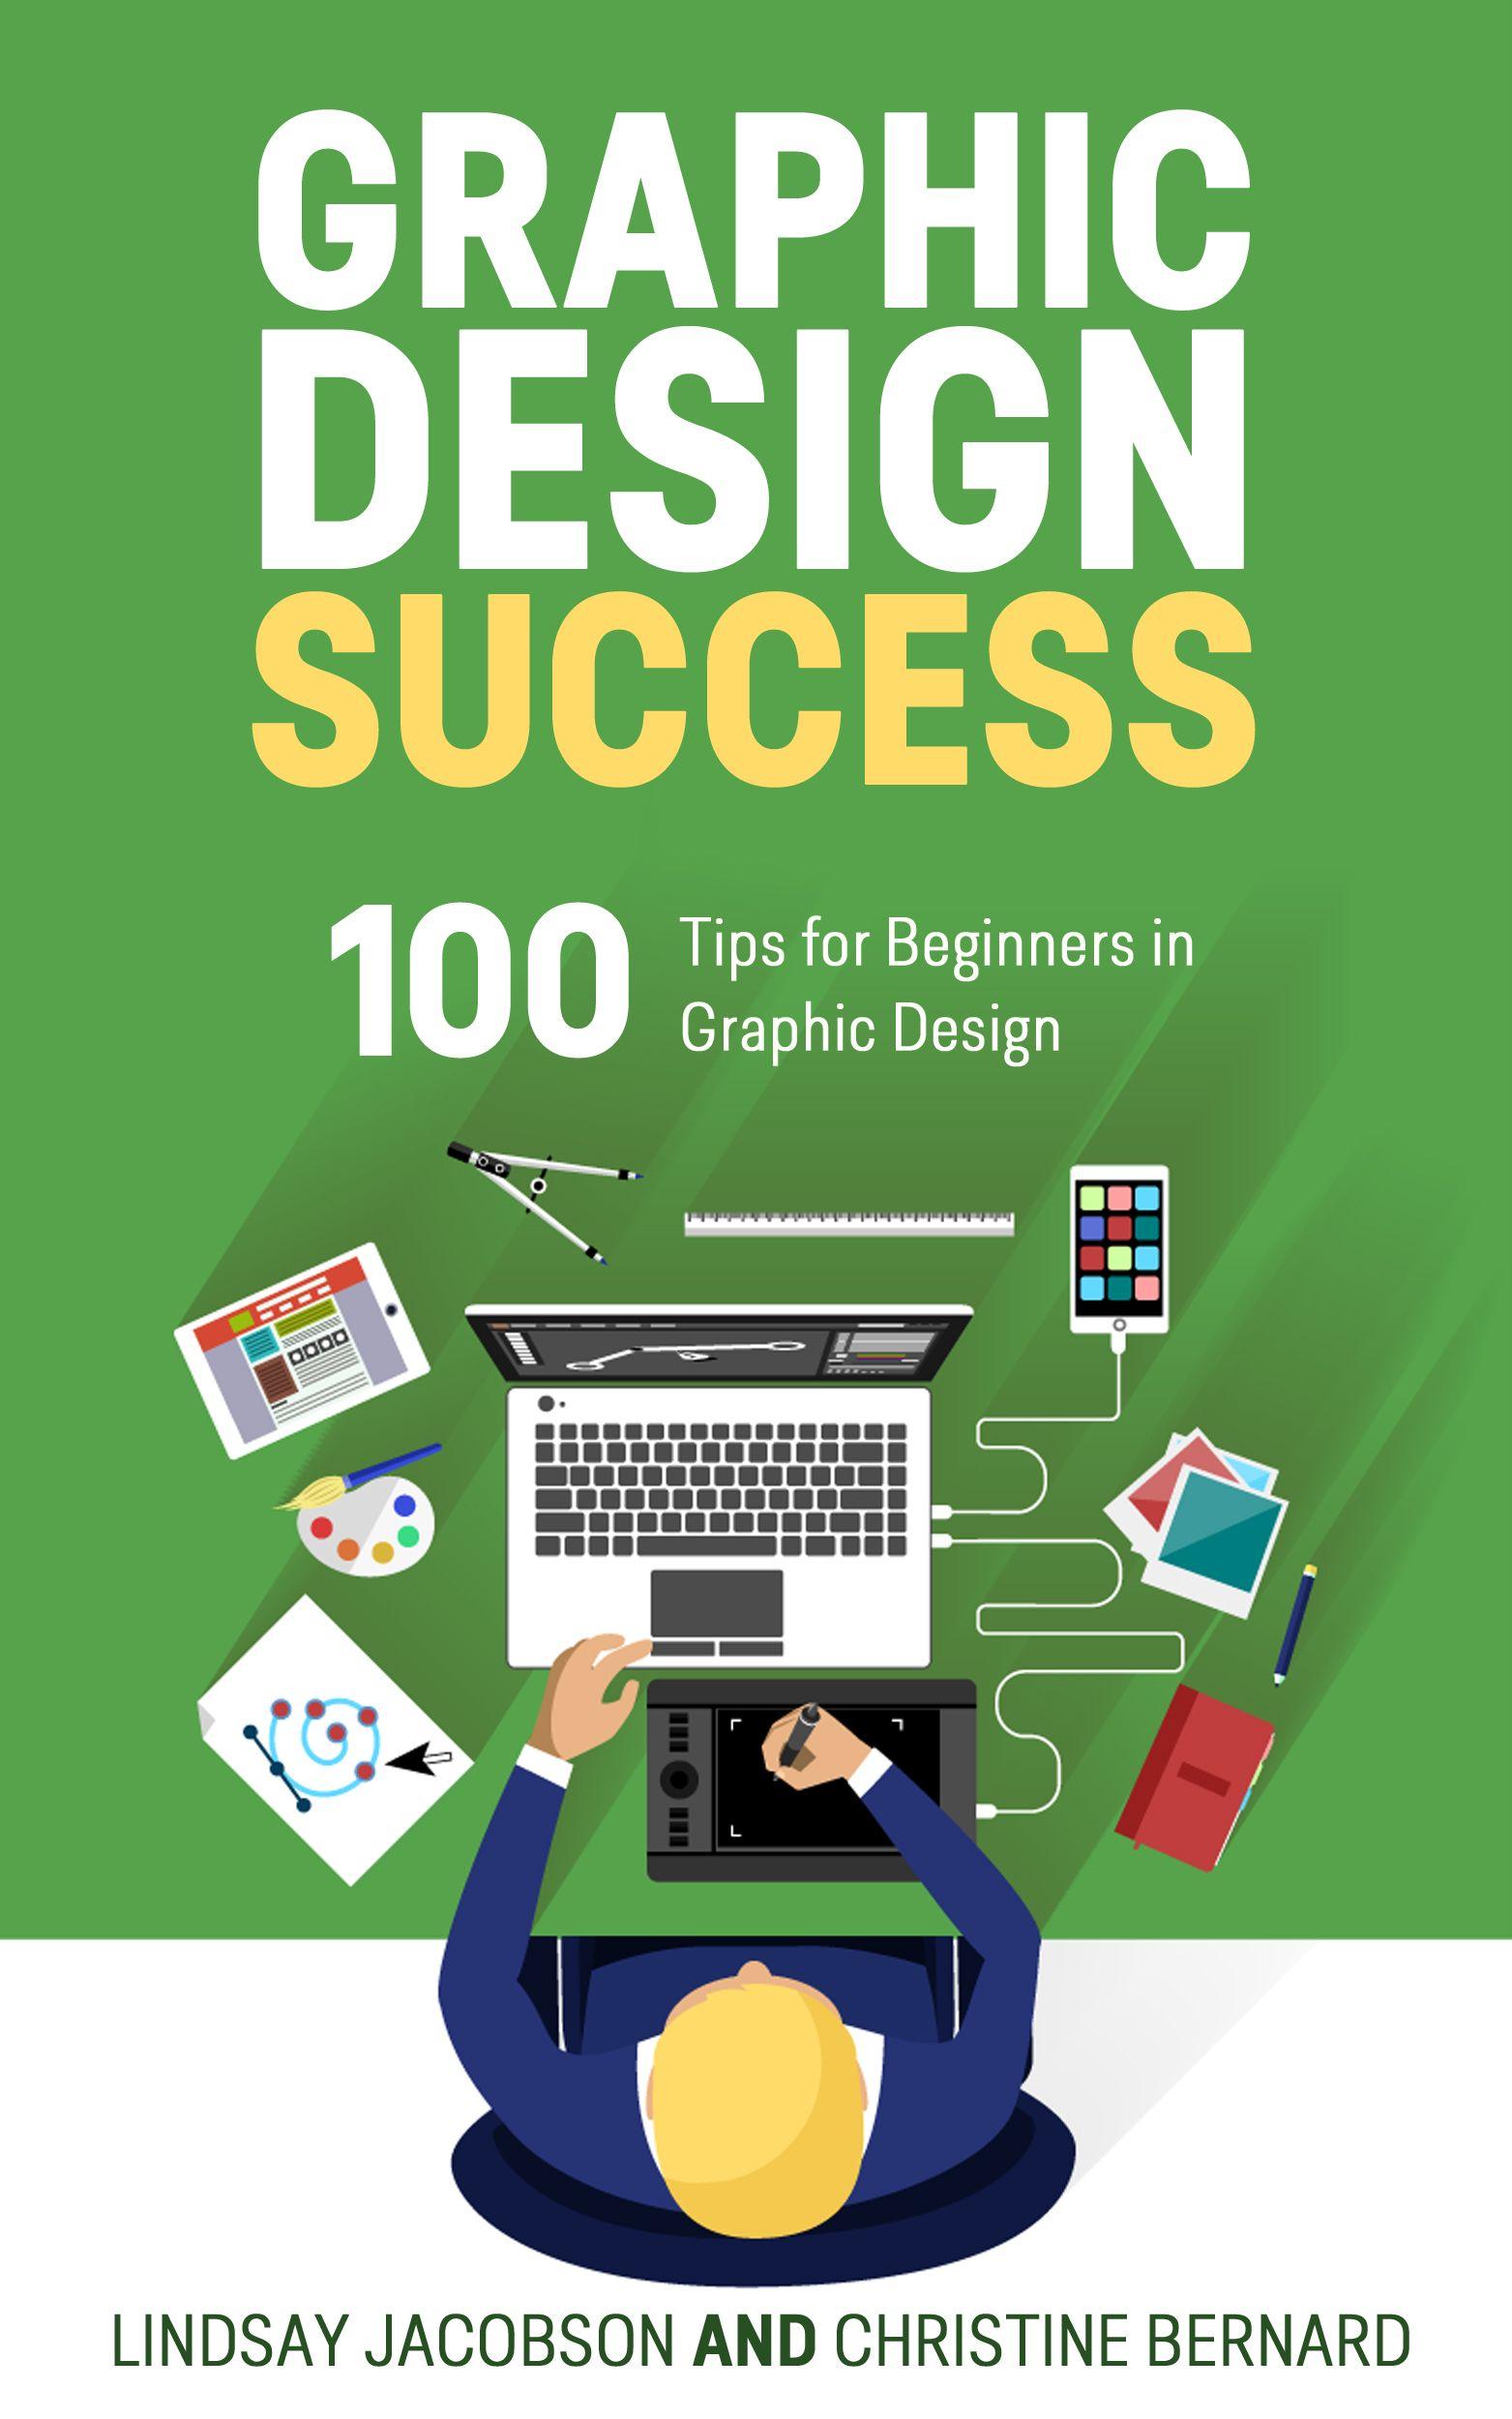 Amazon Com Graphic Design Success Over 100 Tips For Beginners In Graphic Design Graphic Design Basics For Beginne Design Skills Design Basics Graphic Design